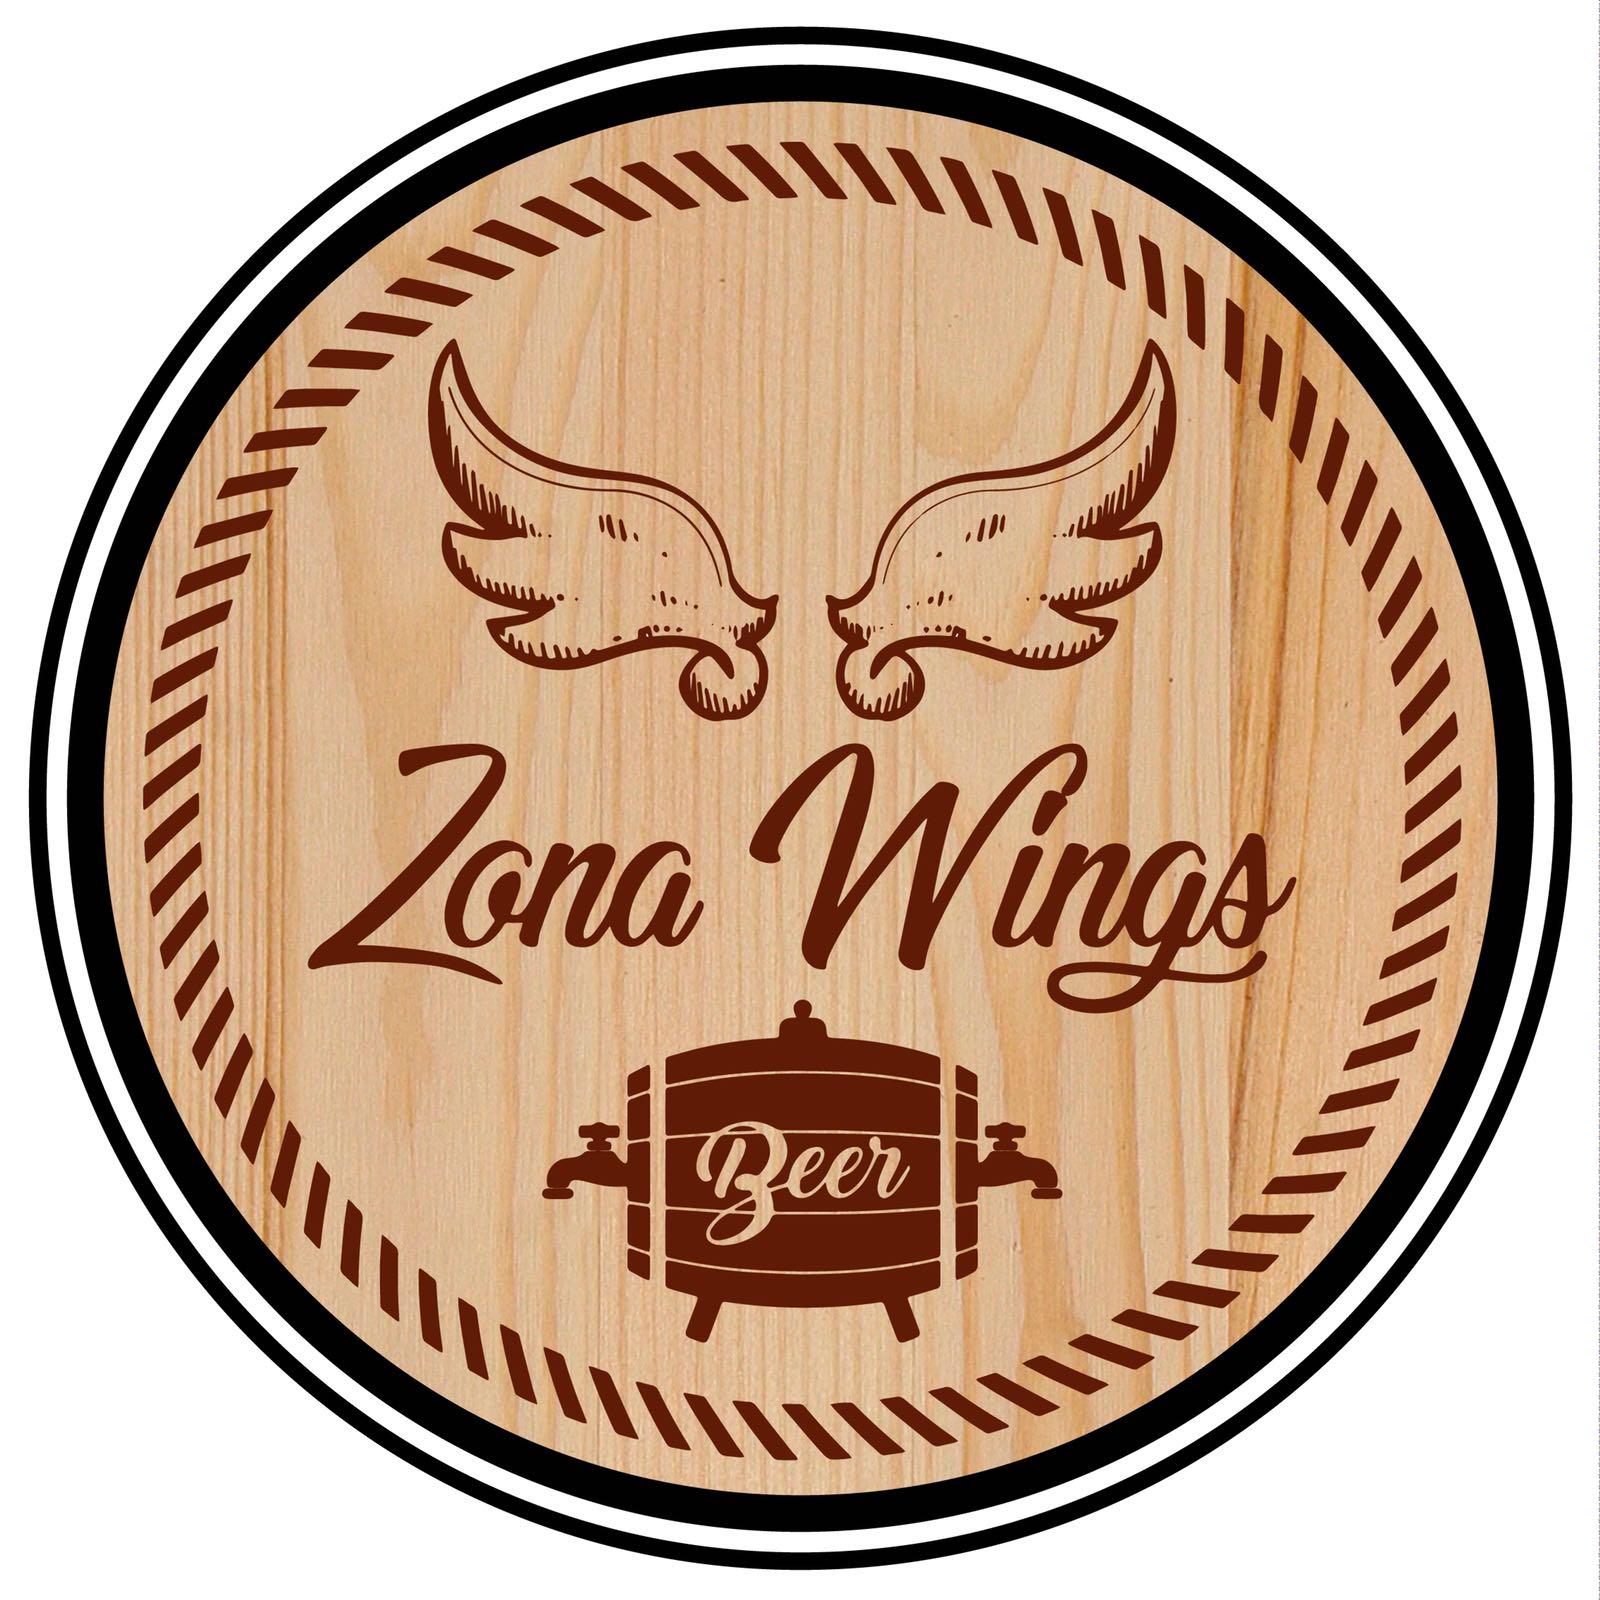 Zona Wings